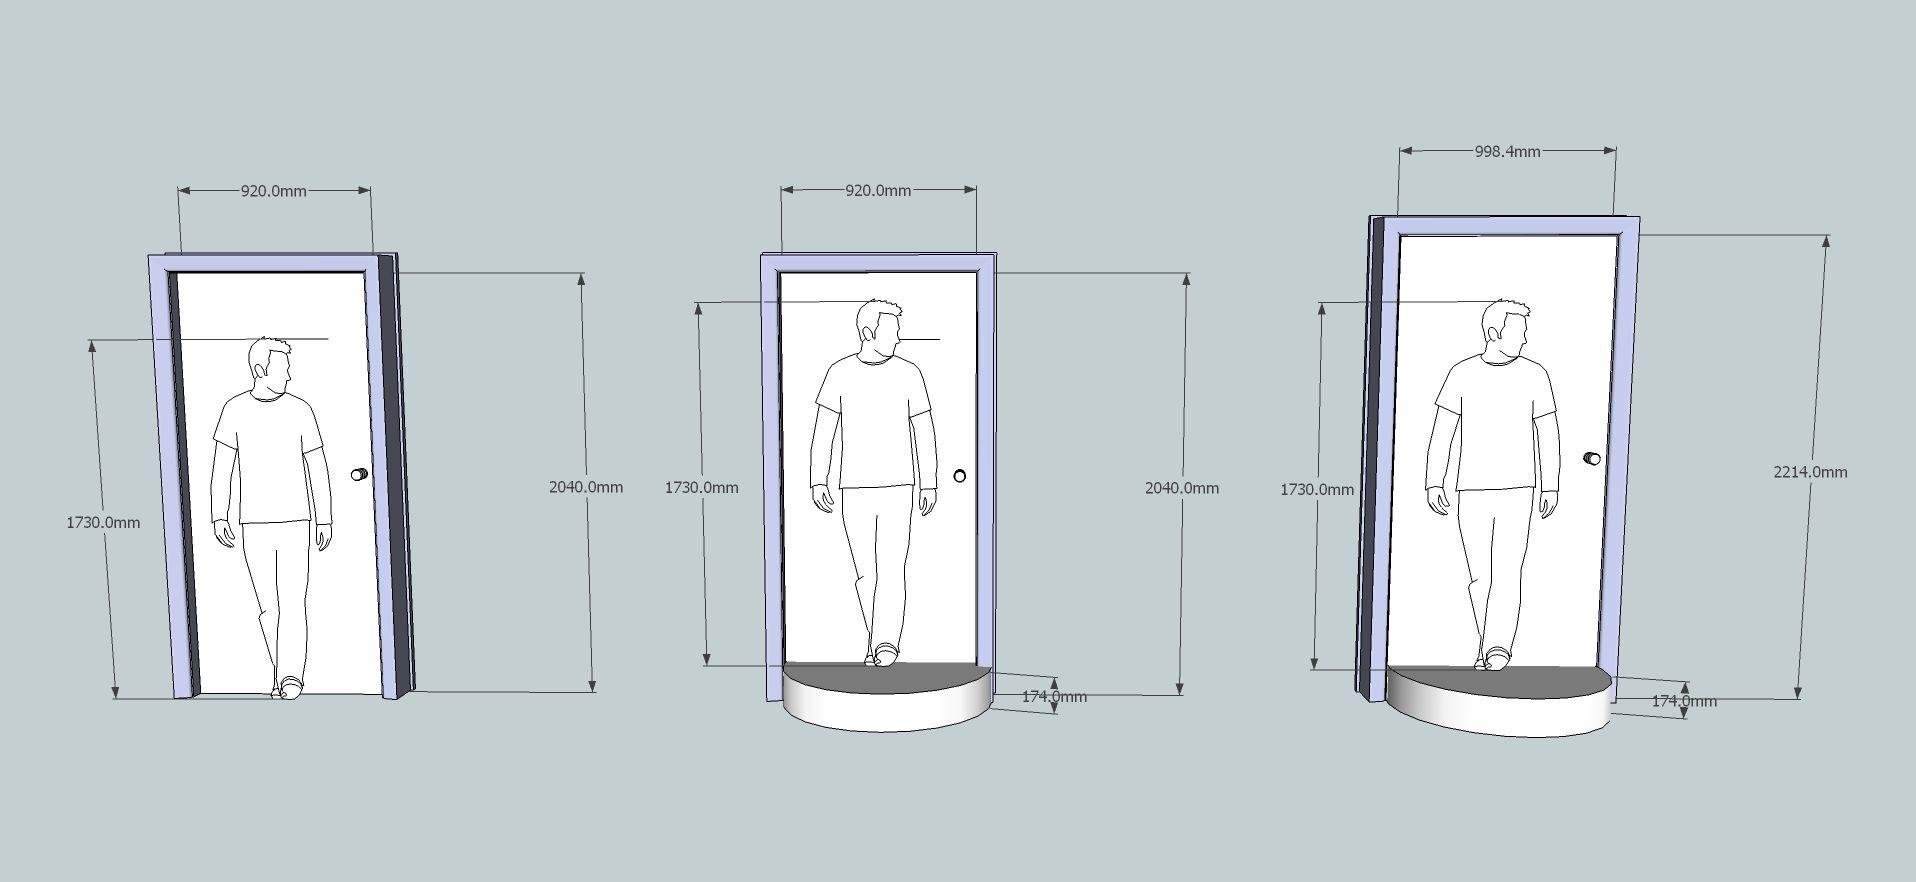 Bedroom Door Dimensions  standard door sizes Google Search With images